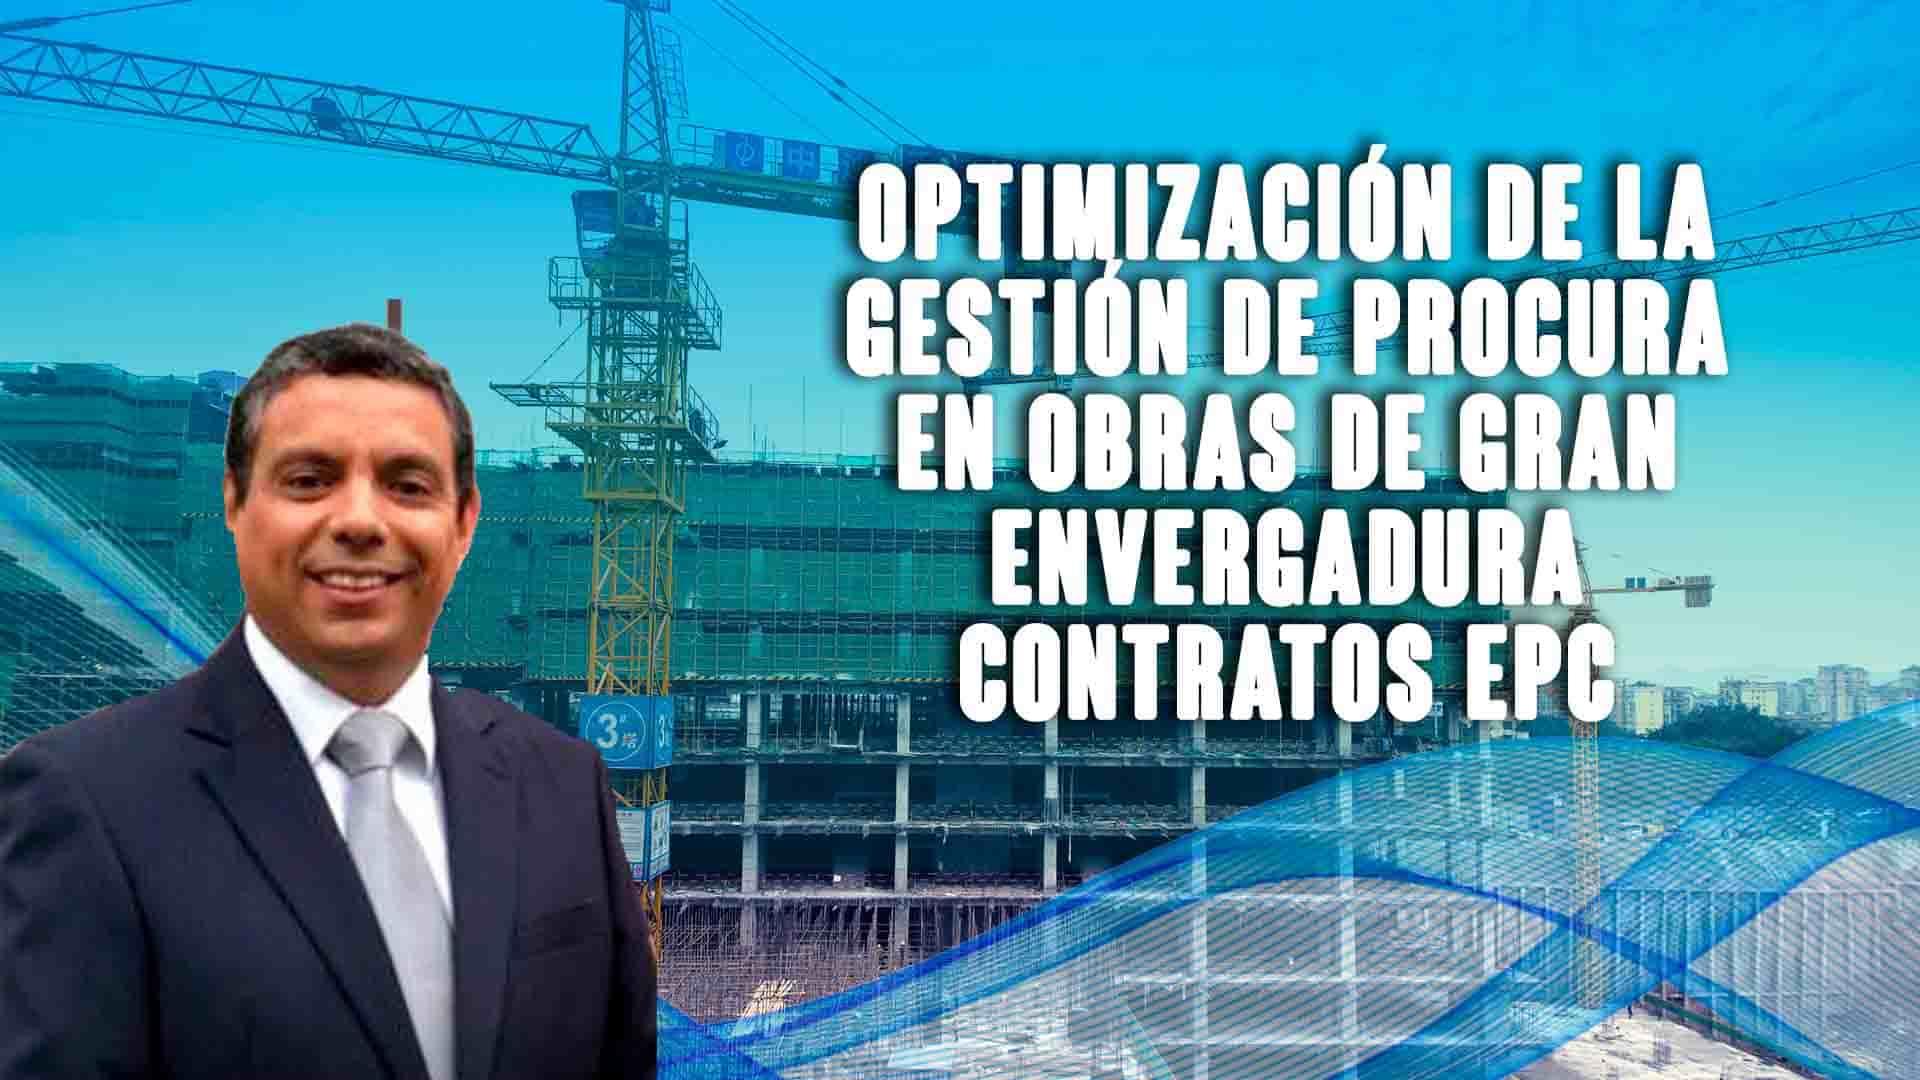 Optimización de la gestión de procura en obras de gran envergadura contratos EPC